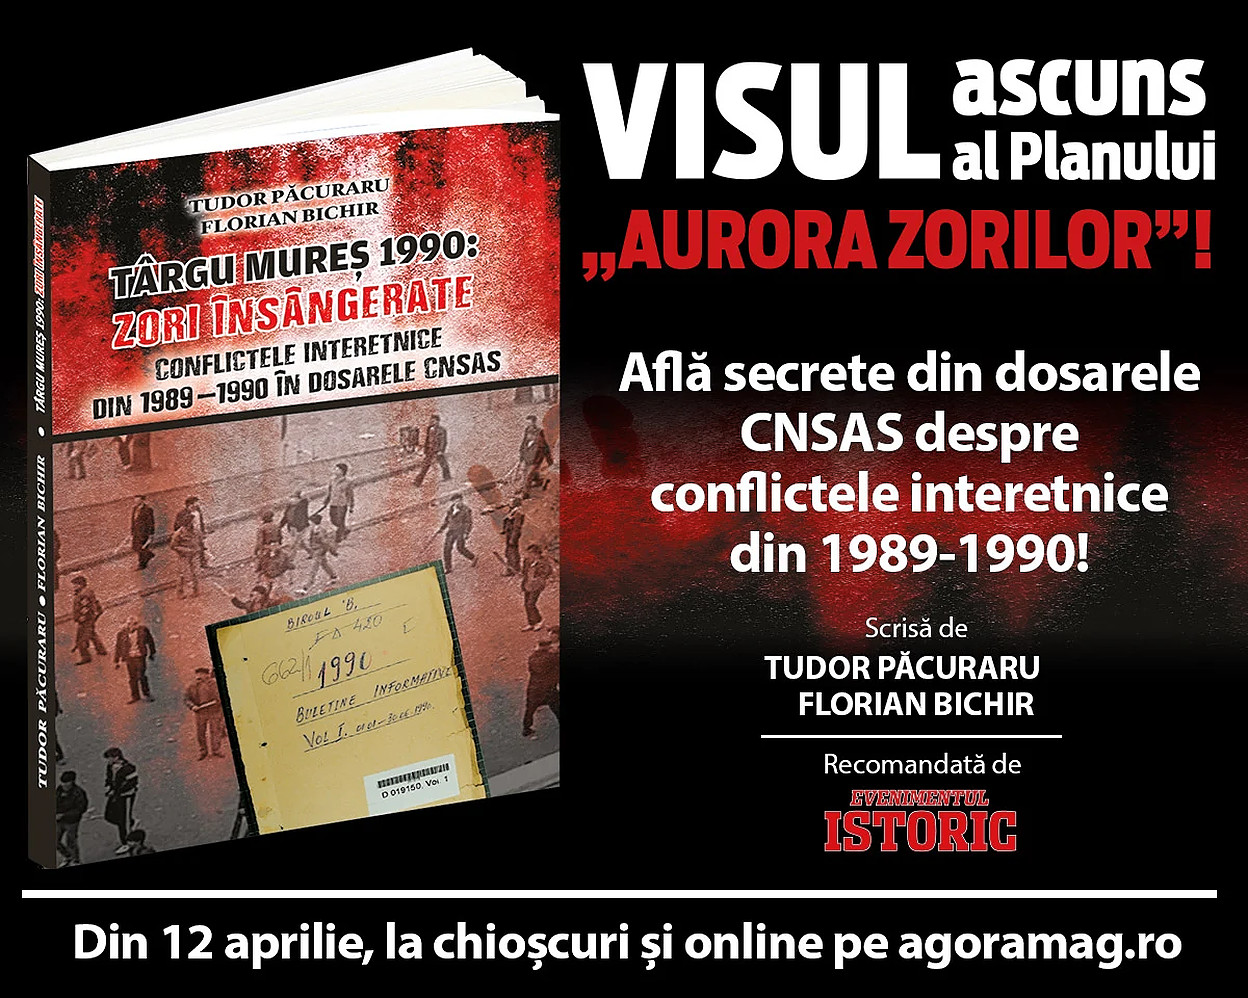 Zori însângerate. O carte istorică blocată la vânzare. Au deranjat dezvăluirile legate de manipulările din conflictul interetnic din 1990?